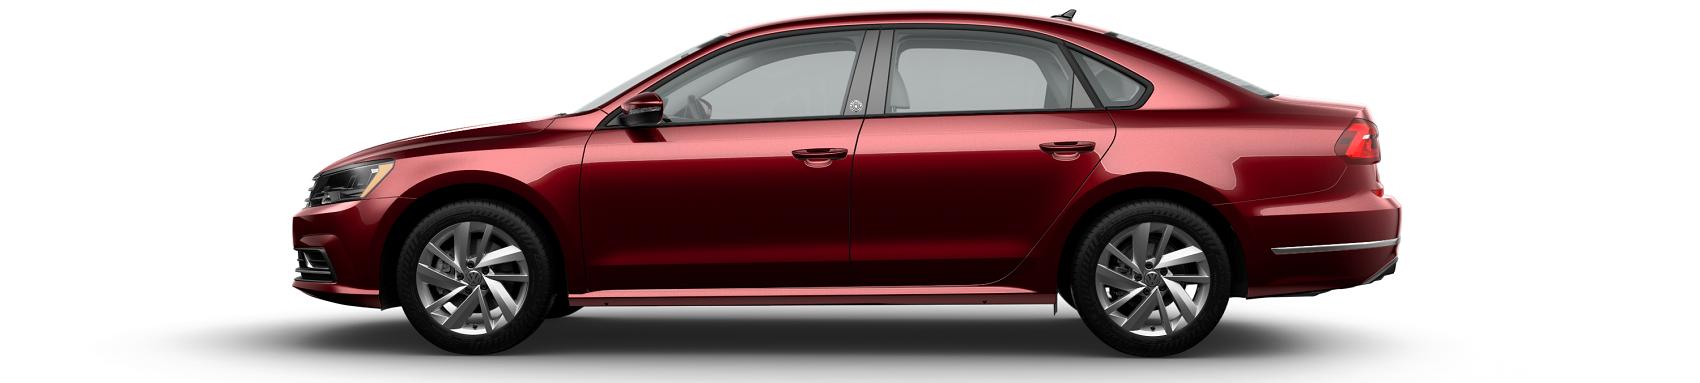 Volkswagen Passat Wolfsburg Fortana Red